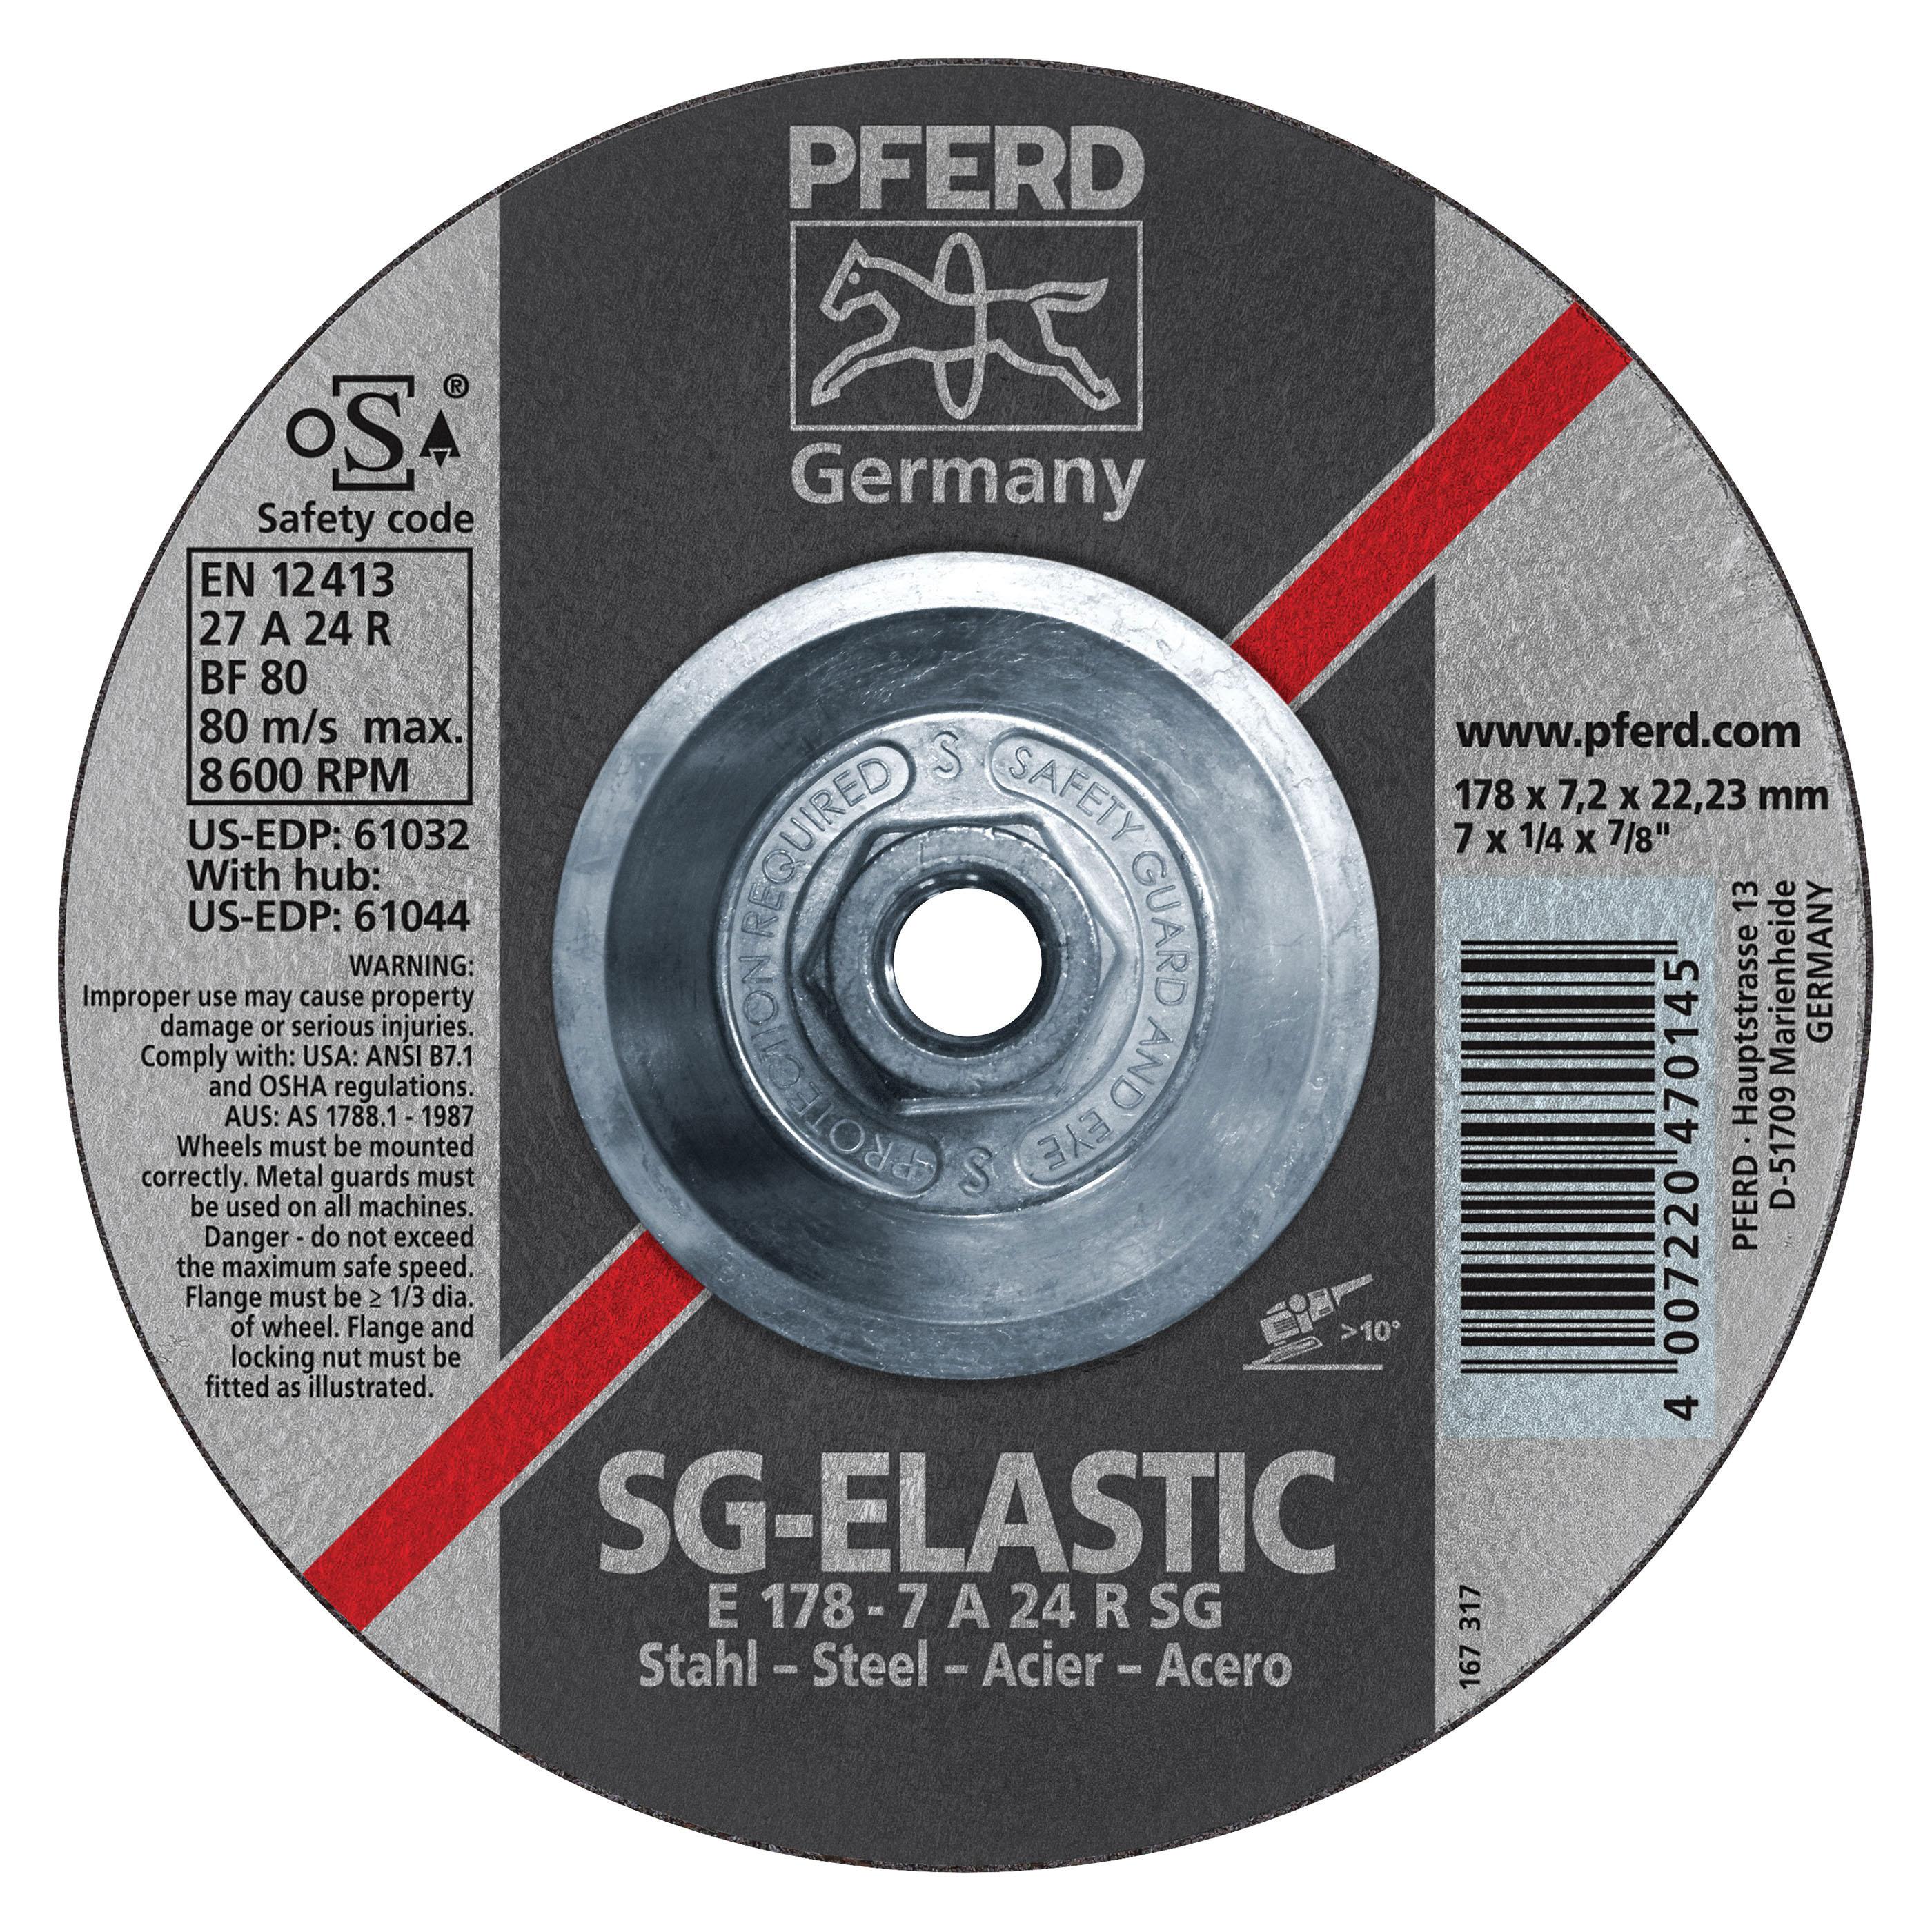 PFERD 61026 Aluminum Oxide Performance Line Depressed Center Wheel, 4-1/2 in Dia x 1/4 in THK, 13300 rpm, Grit 24